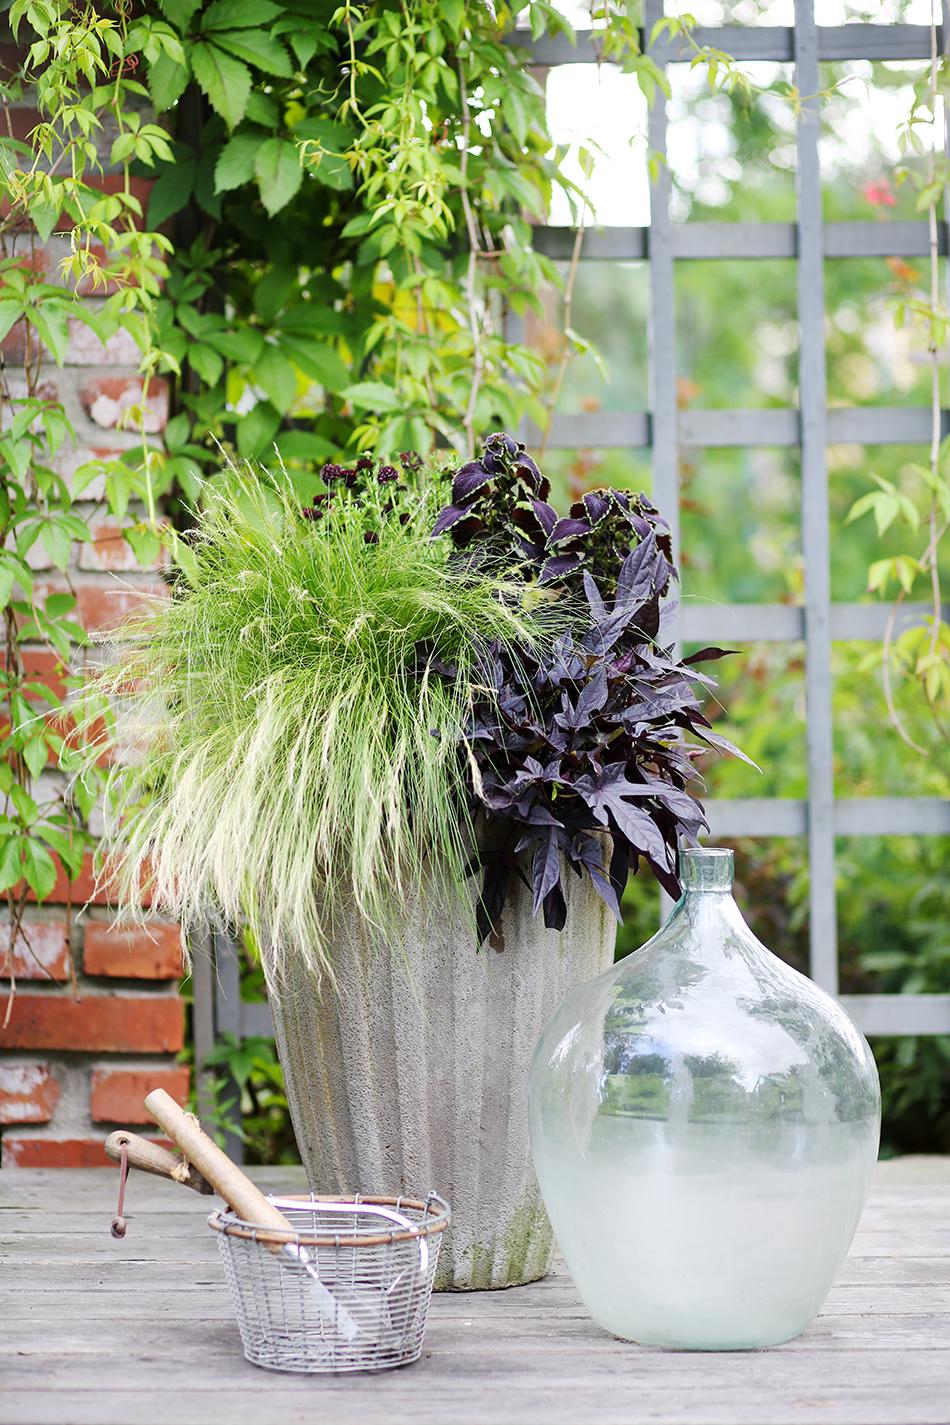 Krukplantering, vas i glas och en korg